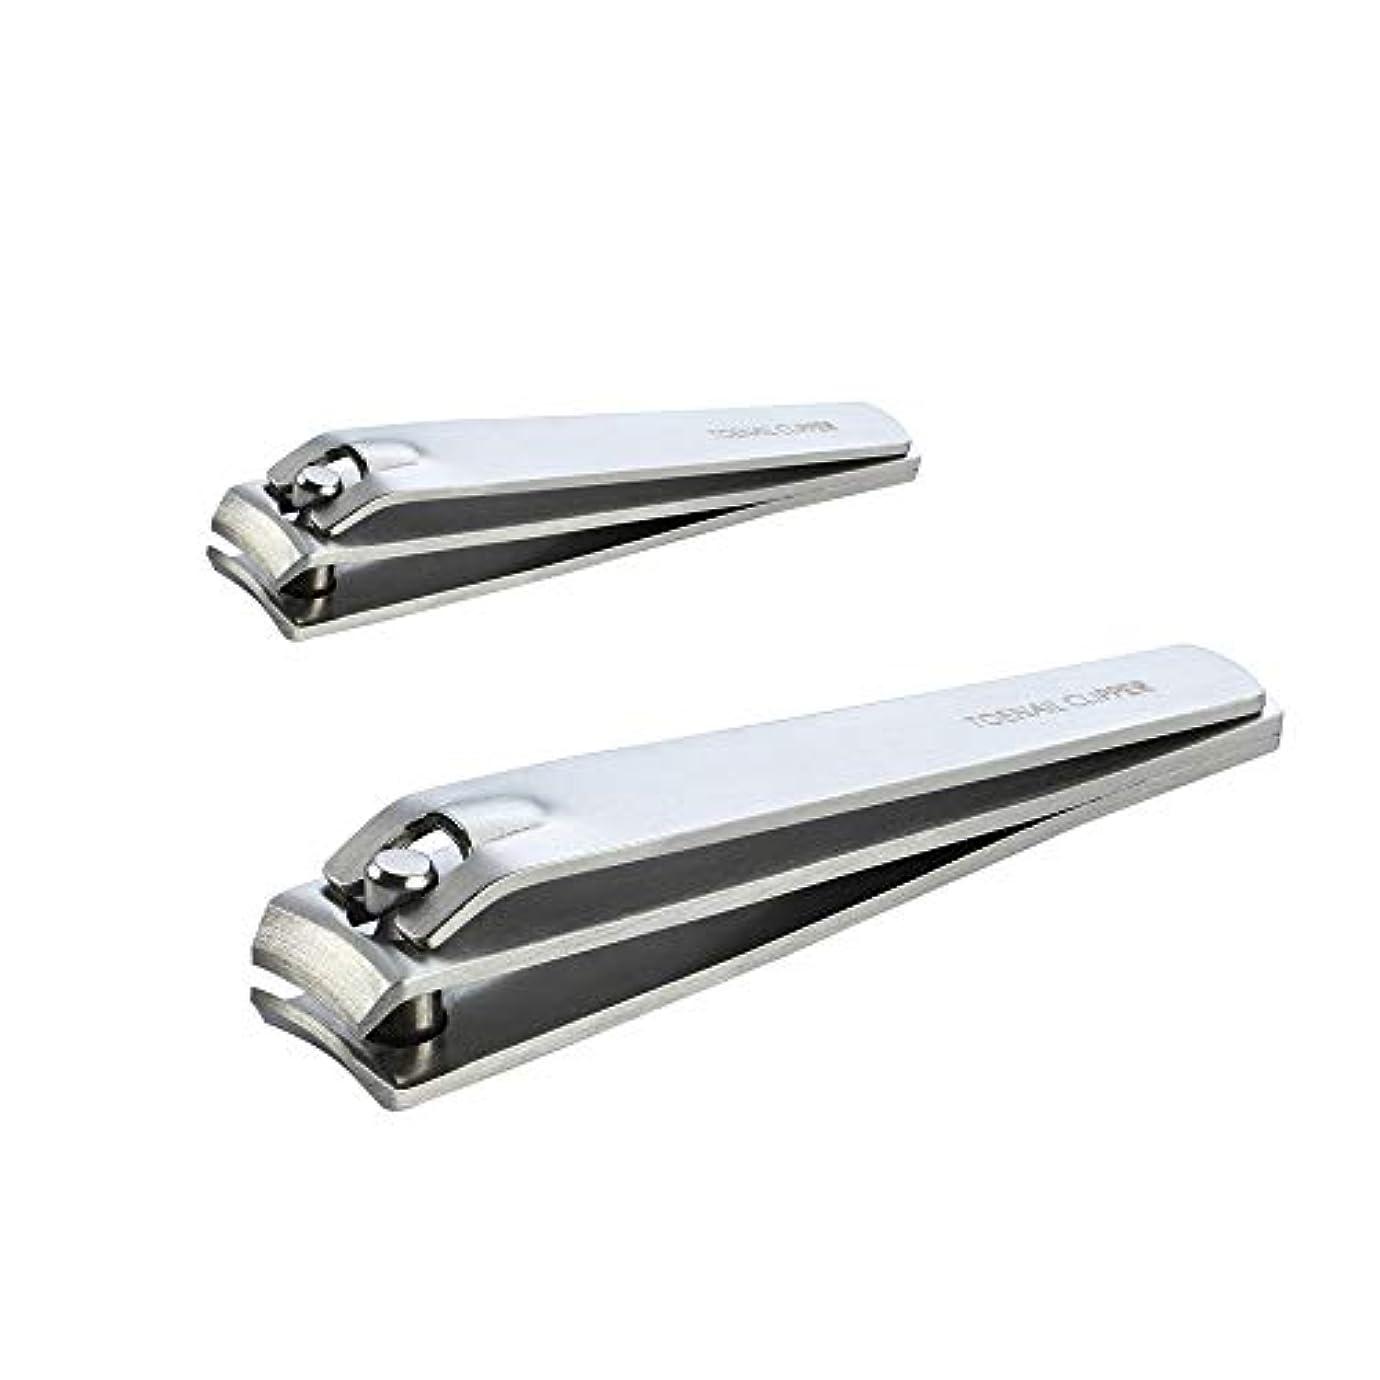 織機オアシス元のSurgeHai 爪切りデラックスネイルクリッパーセット、ステンレス鋼ネイルクリーナーカーブフィンガーネイル&トゥネイルクリッパーズ2個セット